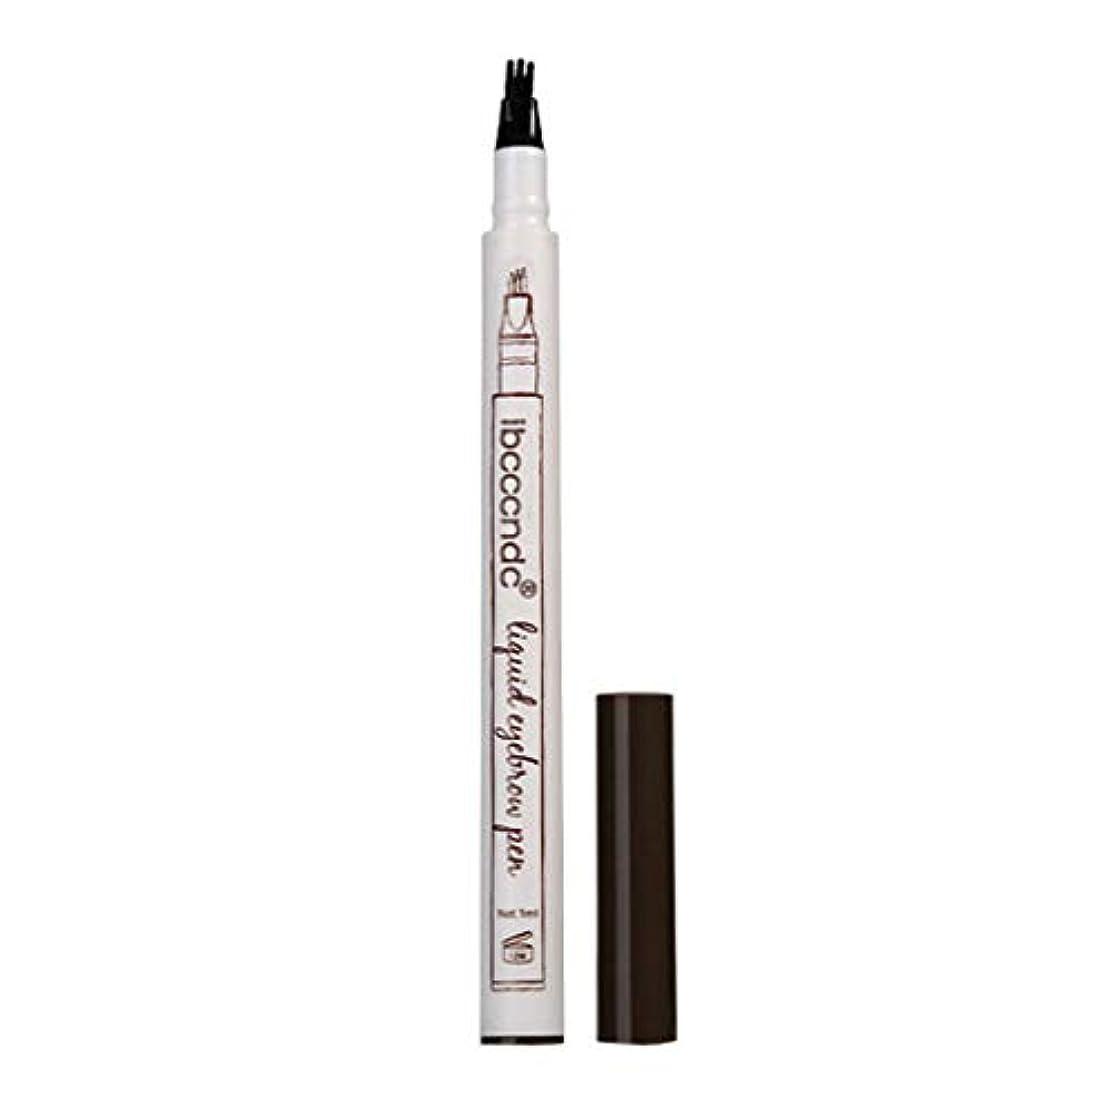 メルボルン呪われた苦3本眉タトゥーペン防水フォークチップスケッチ化粧ペンマイクロブレードインク